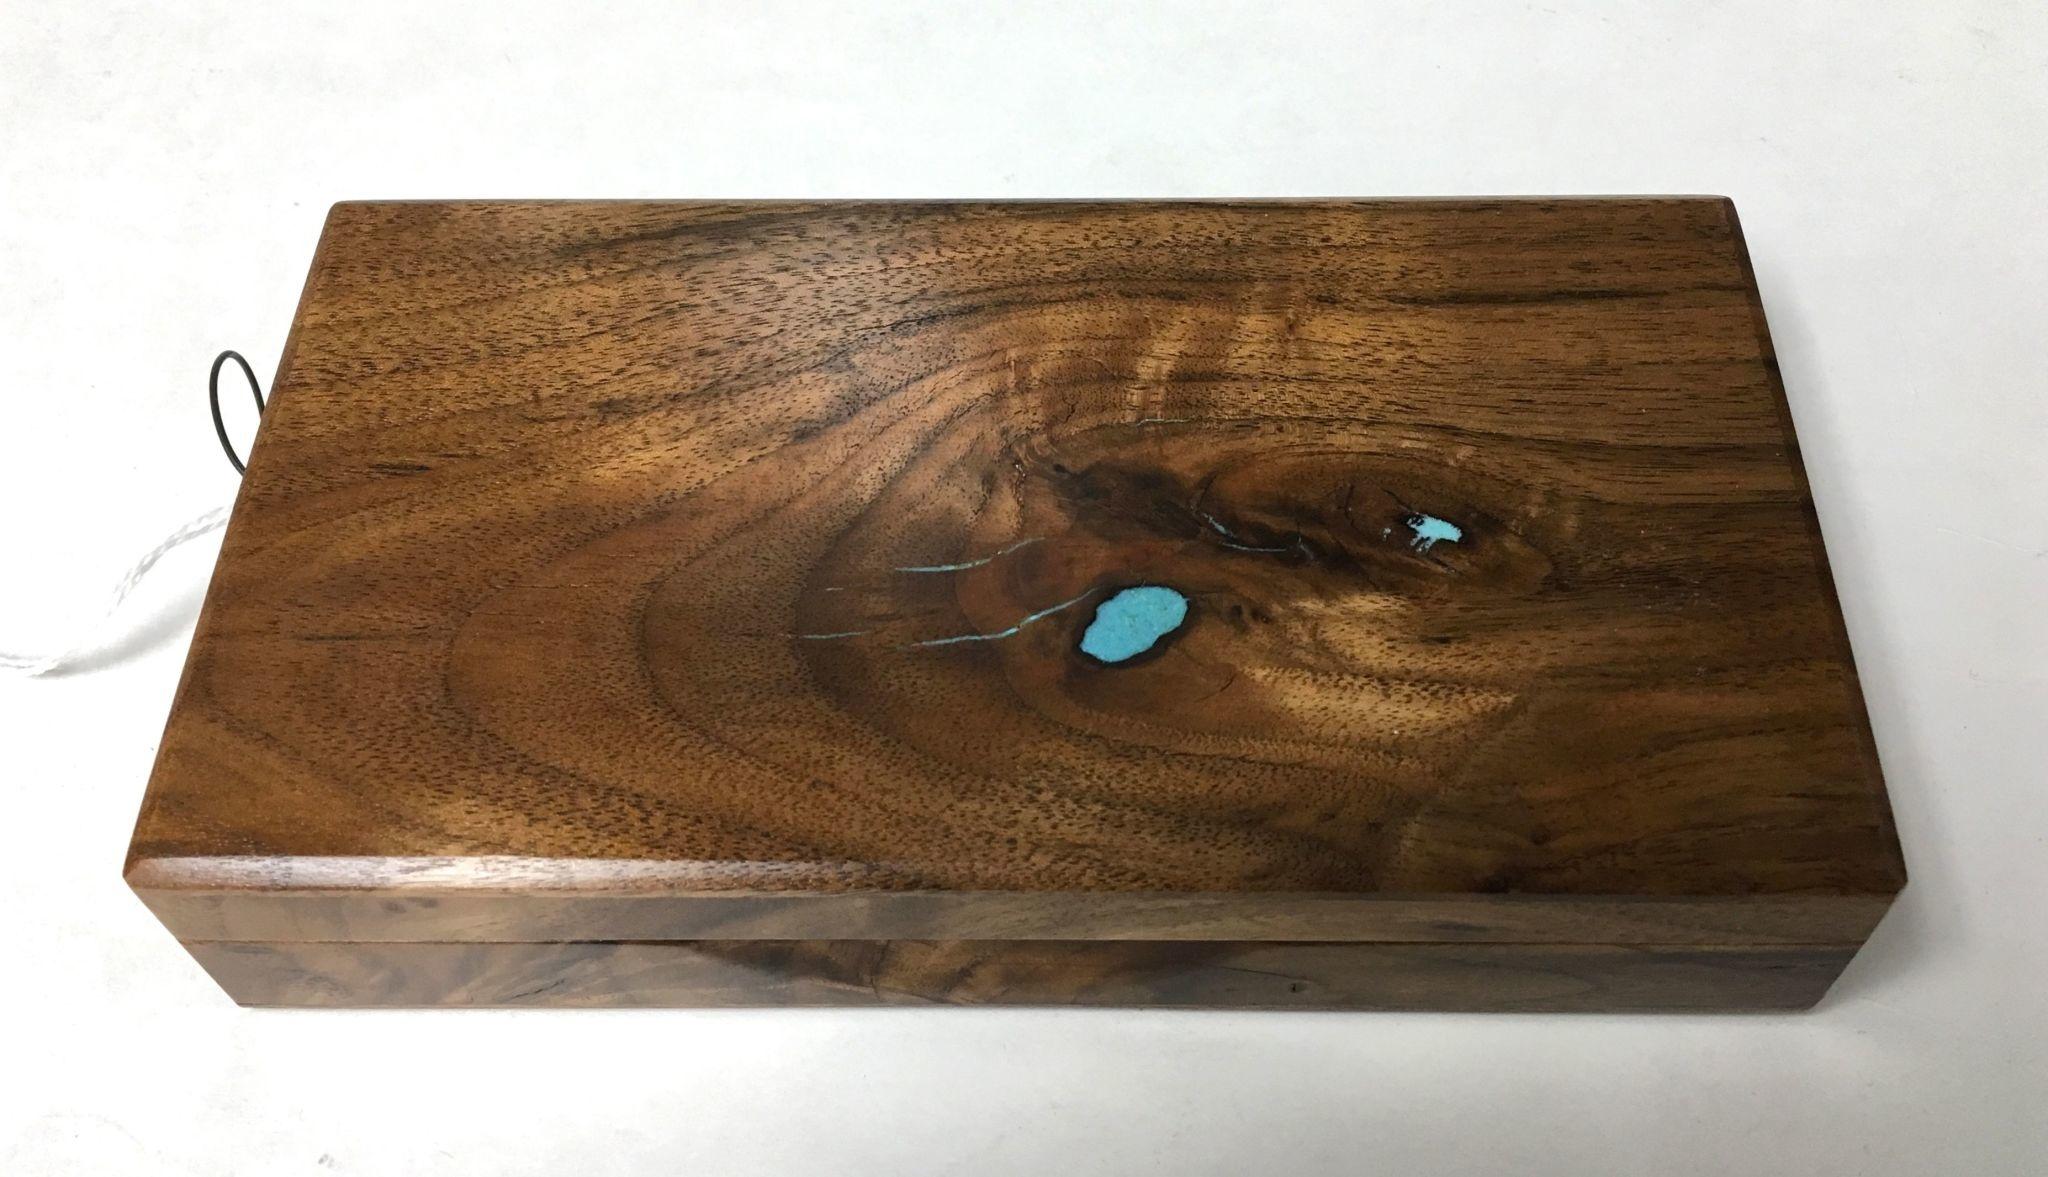 Dutch Box - Dan's Model #16 - Walnut